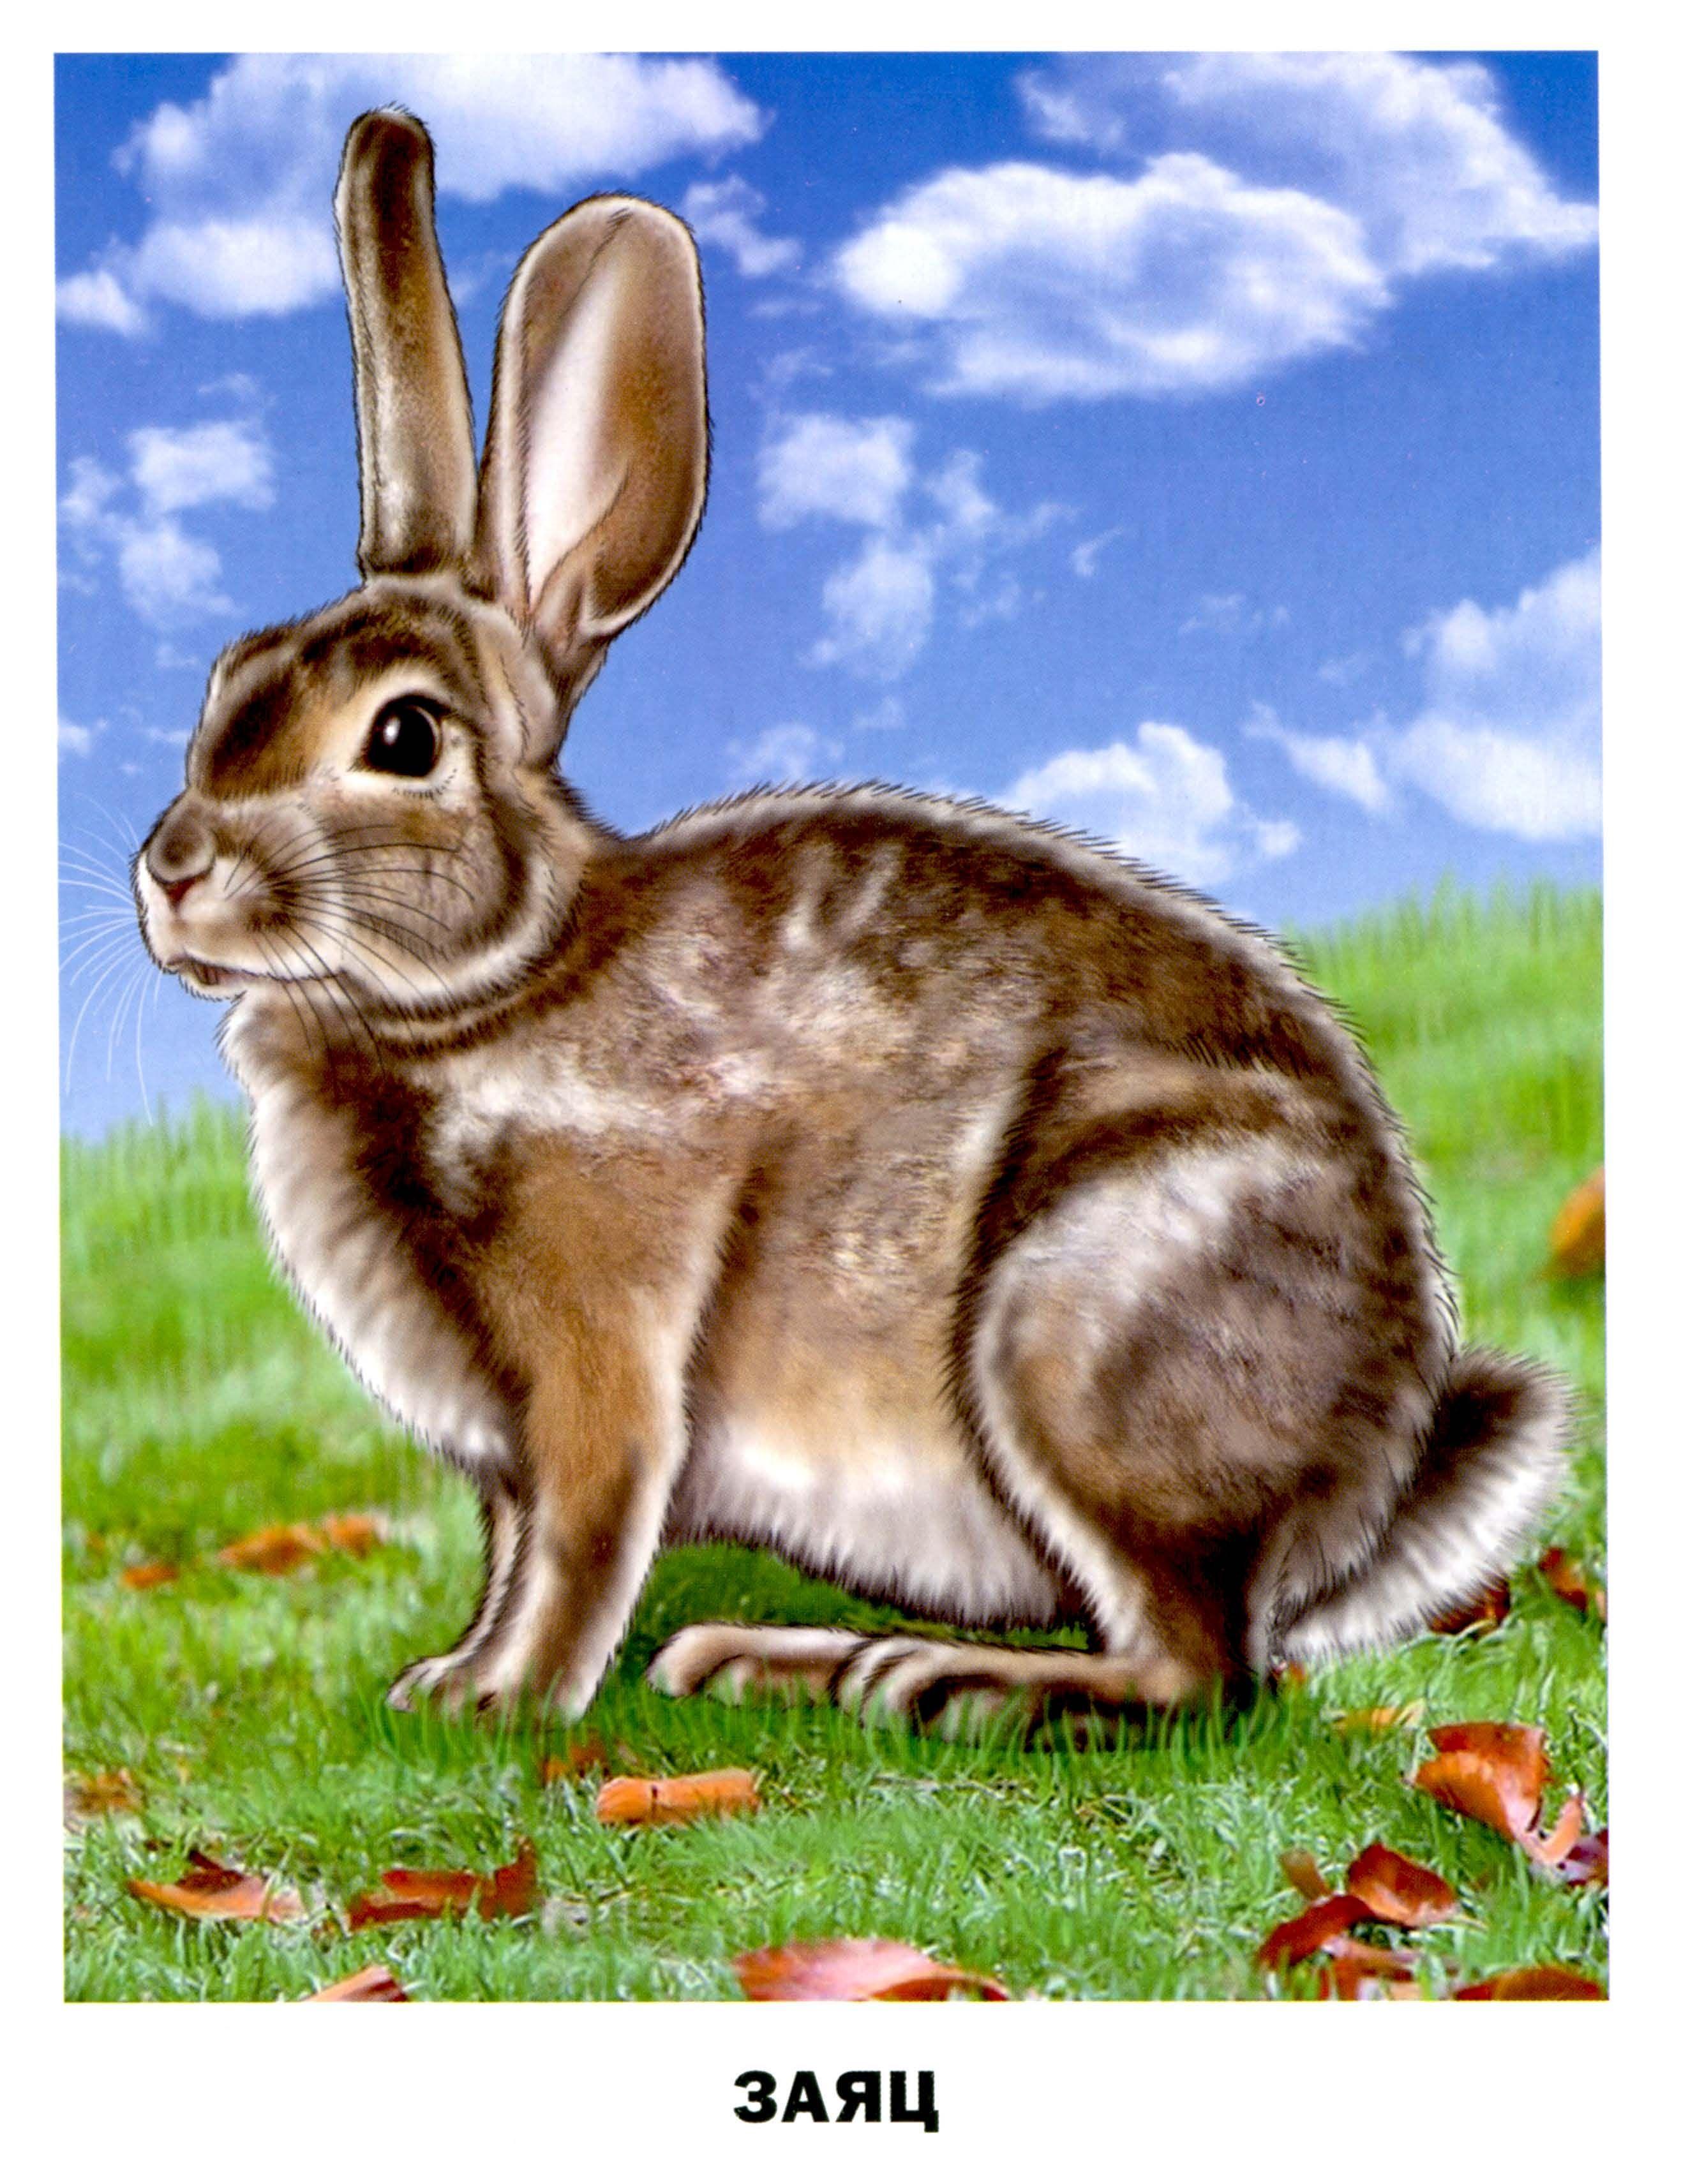 Картинки с изображением животных для детей, картинки